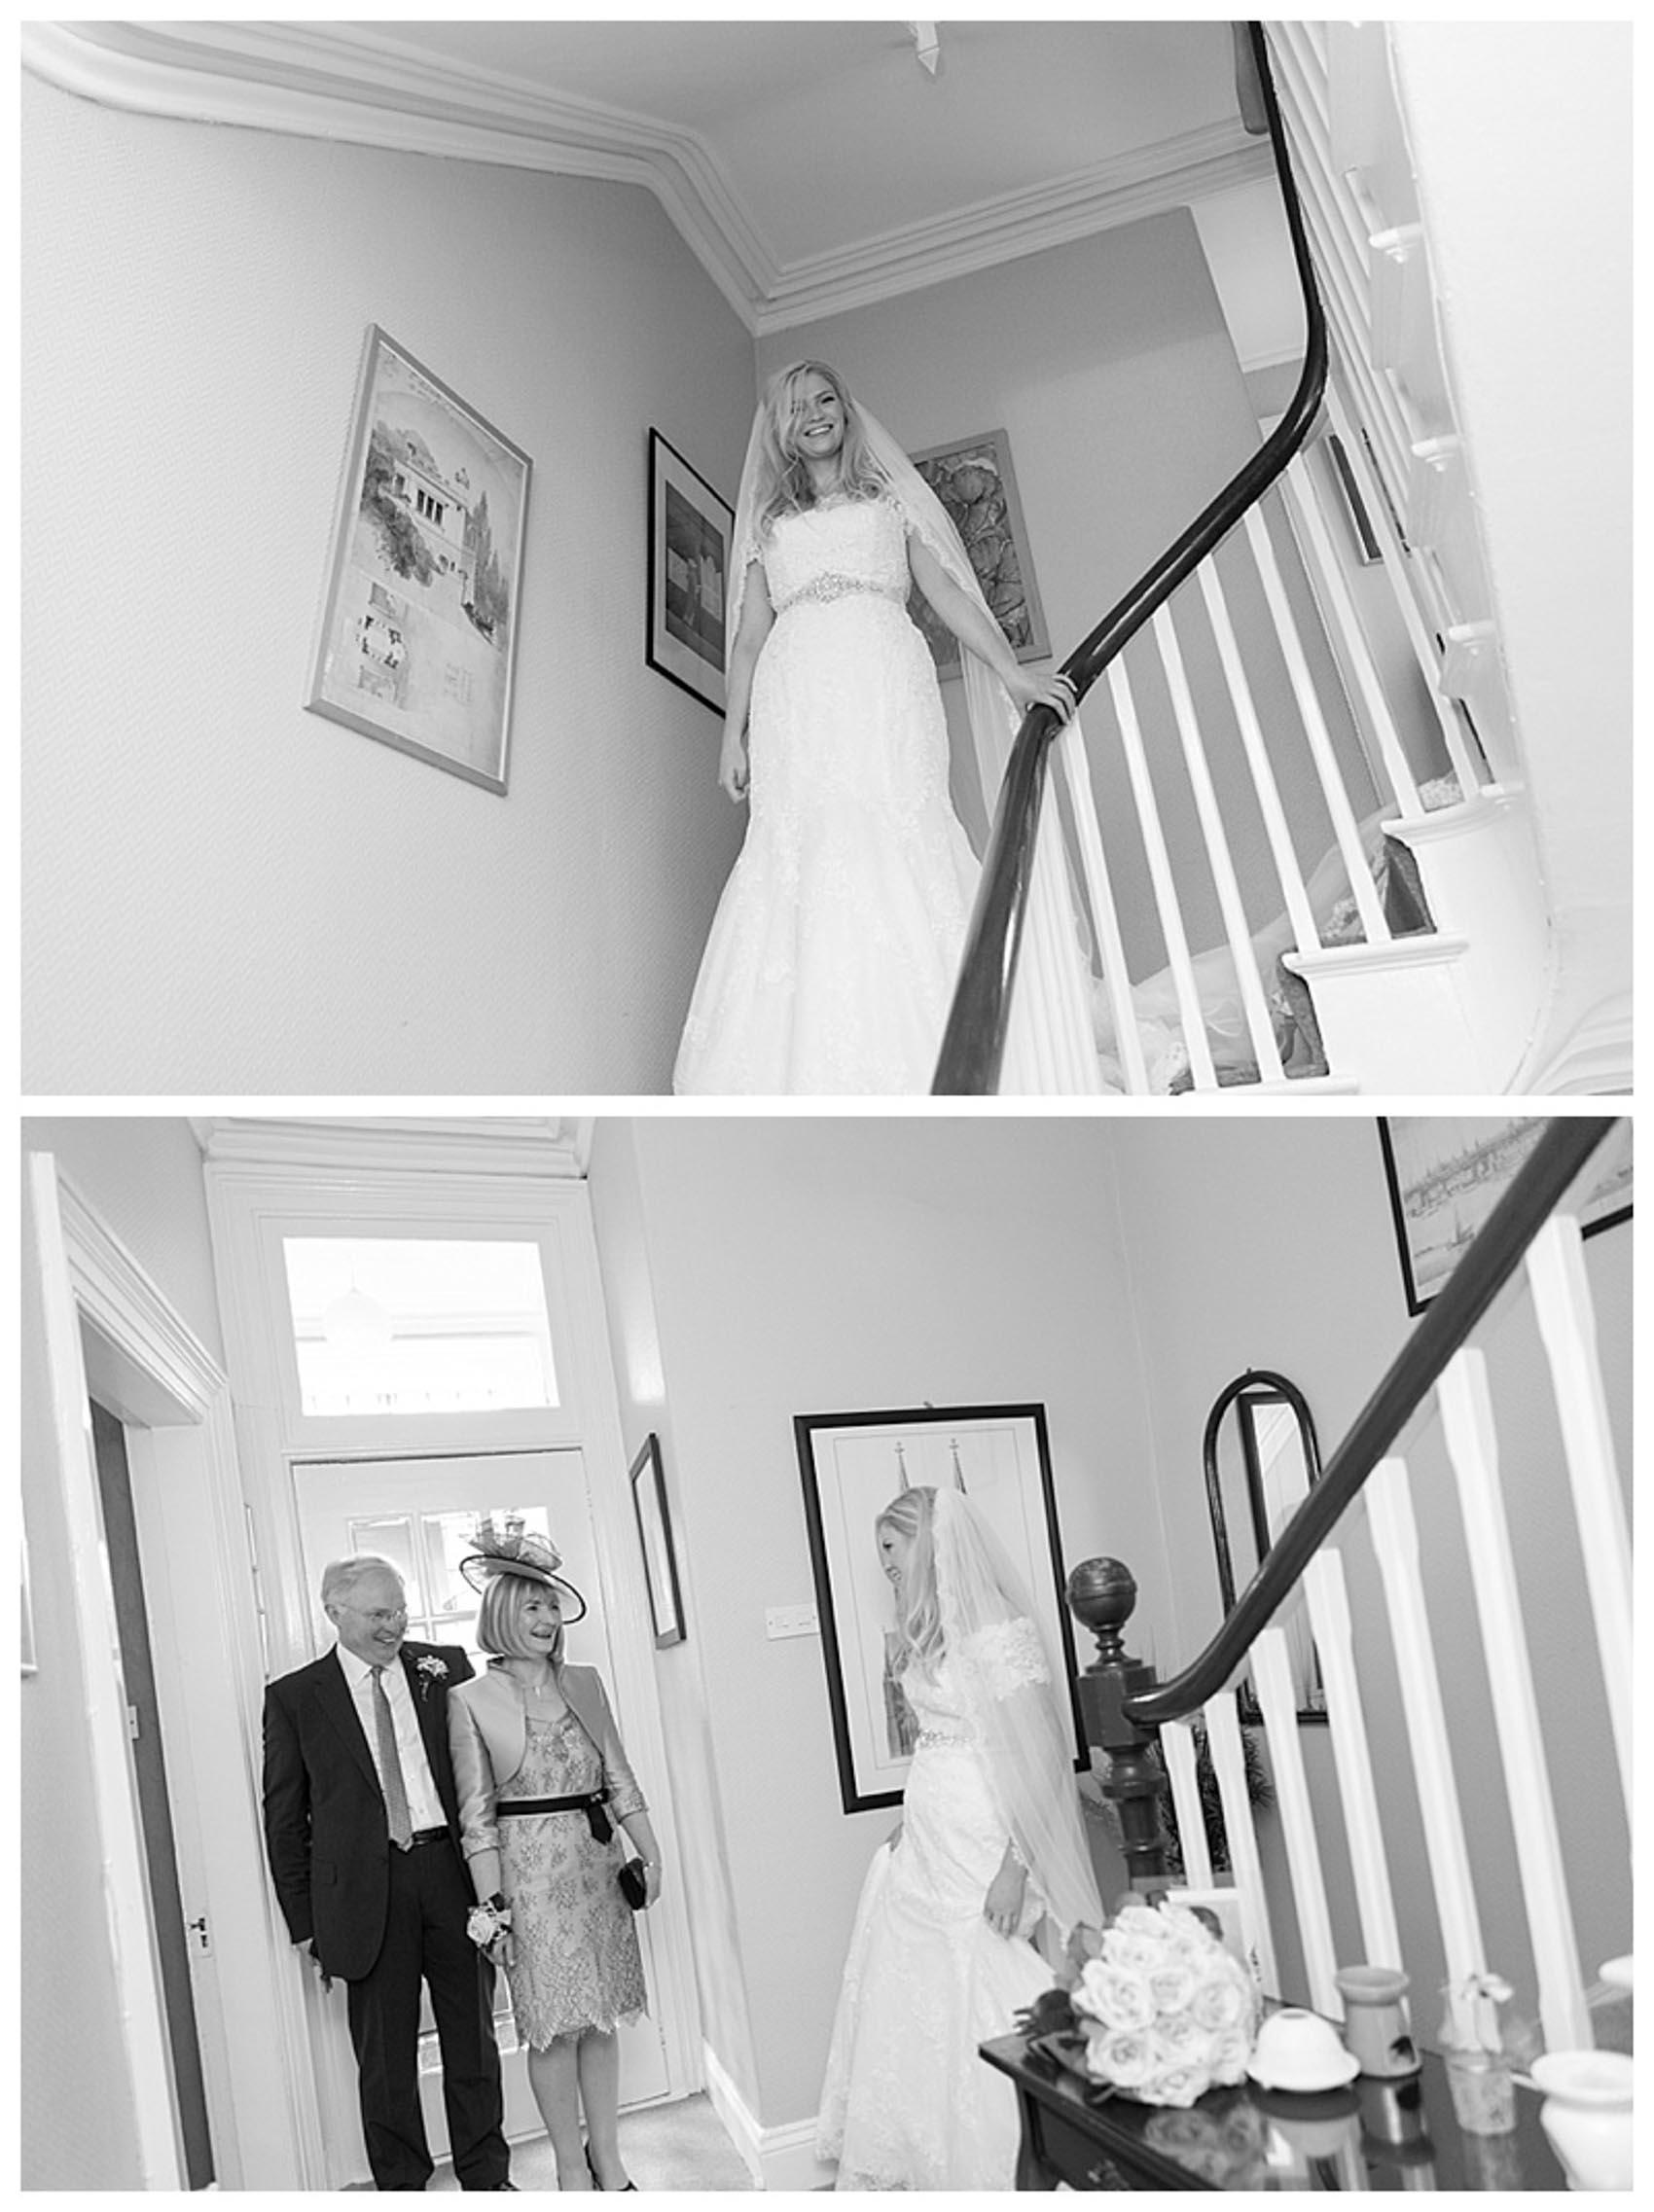 Larchfield Estate Wedding Photography by Ricky Parker Photography 23